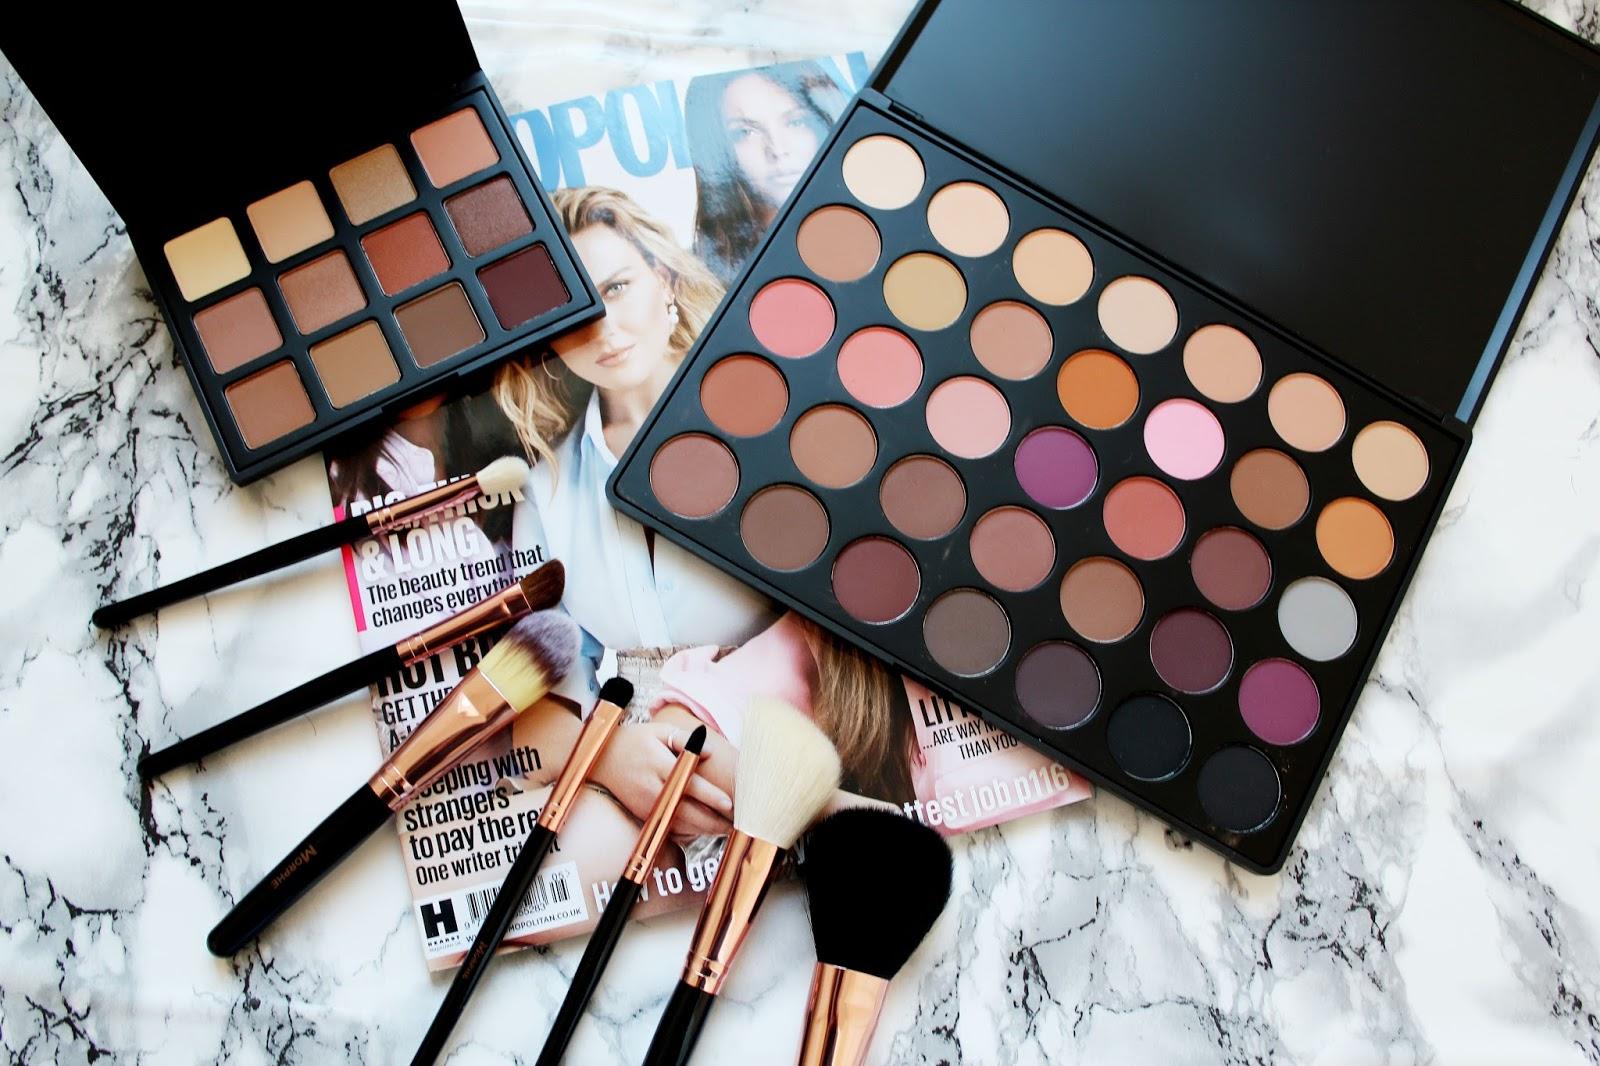 Fashion E Beauty: Beauty: The Brand To Watch - Morphe